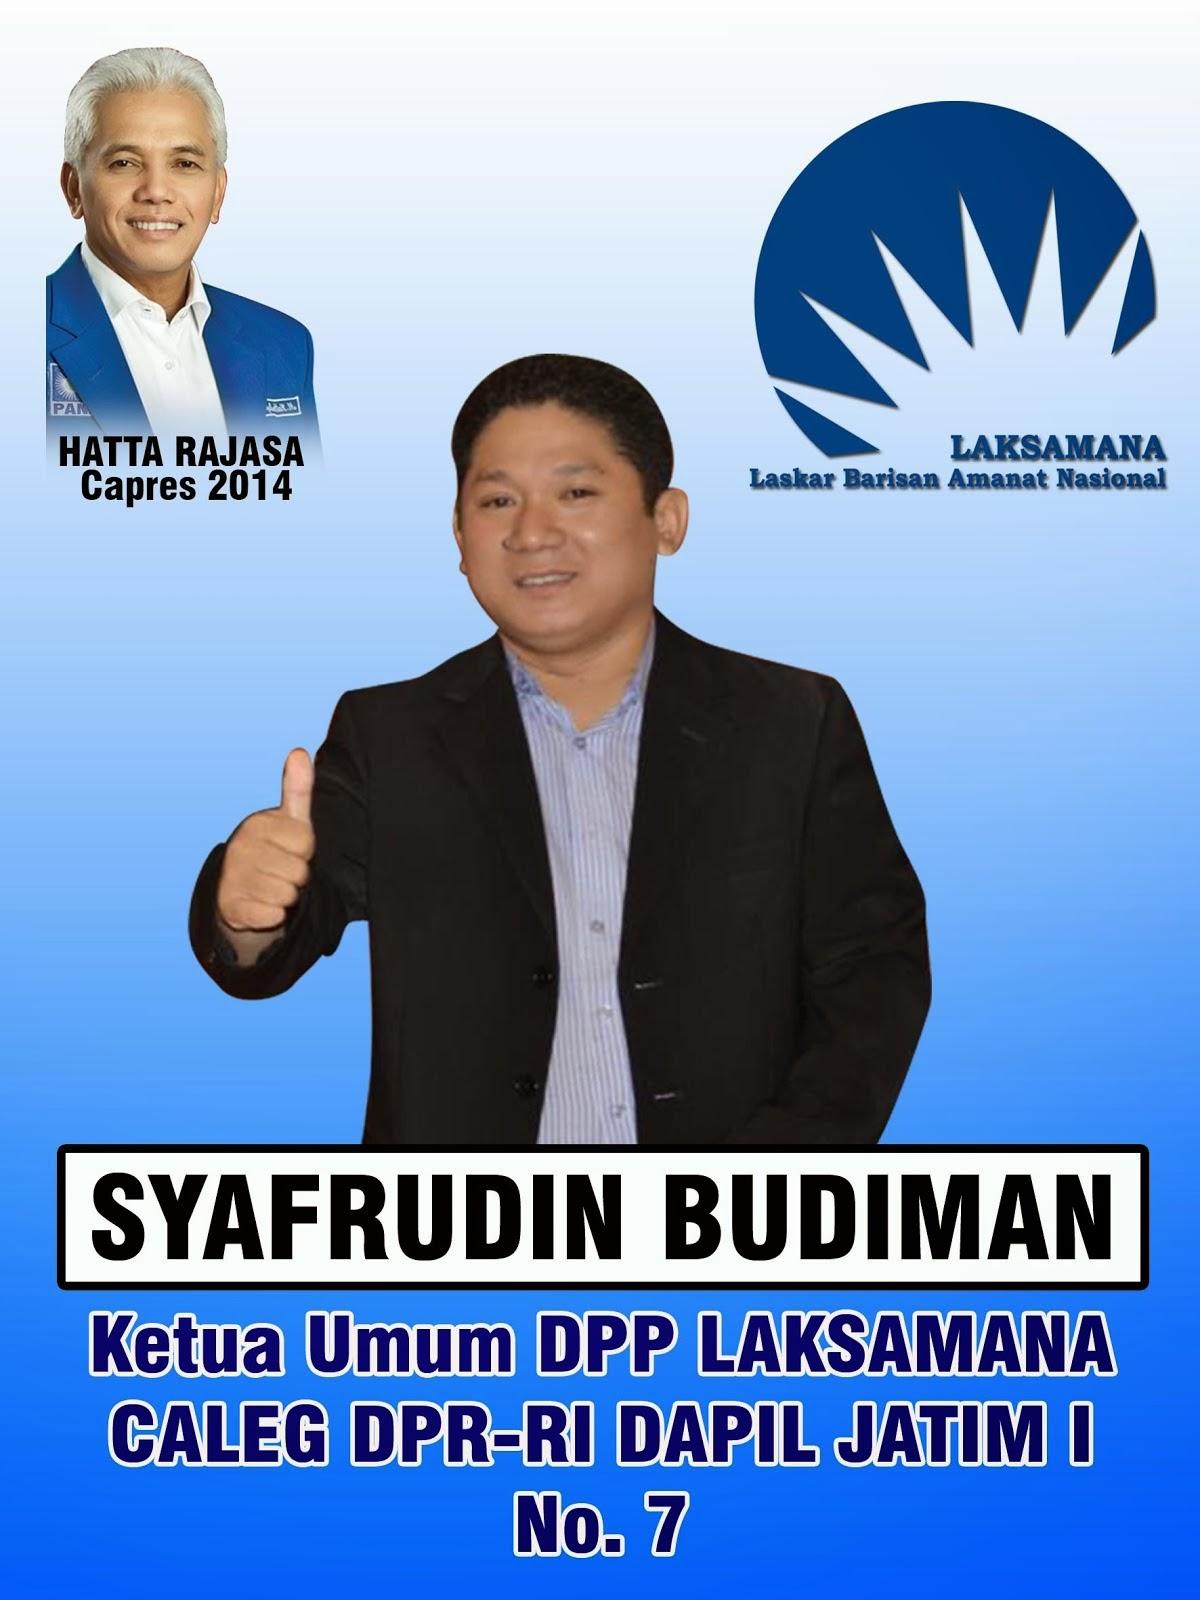 Syafrudin Budiman